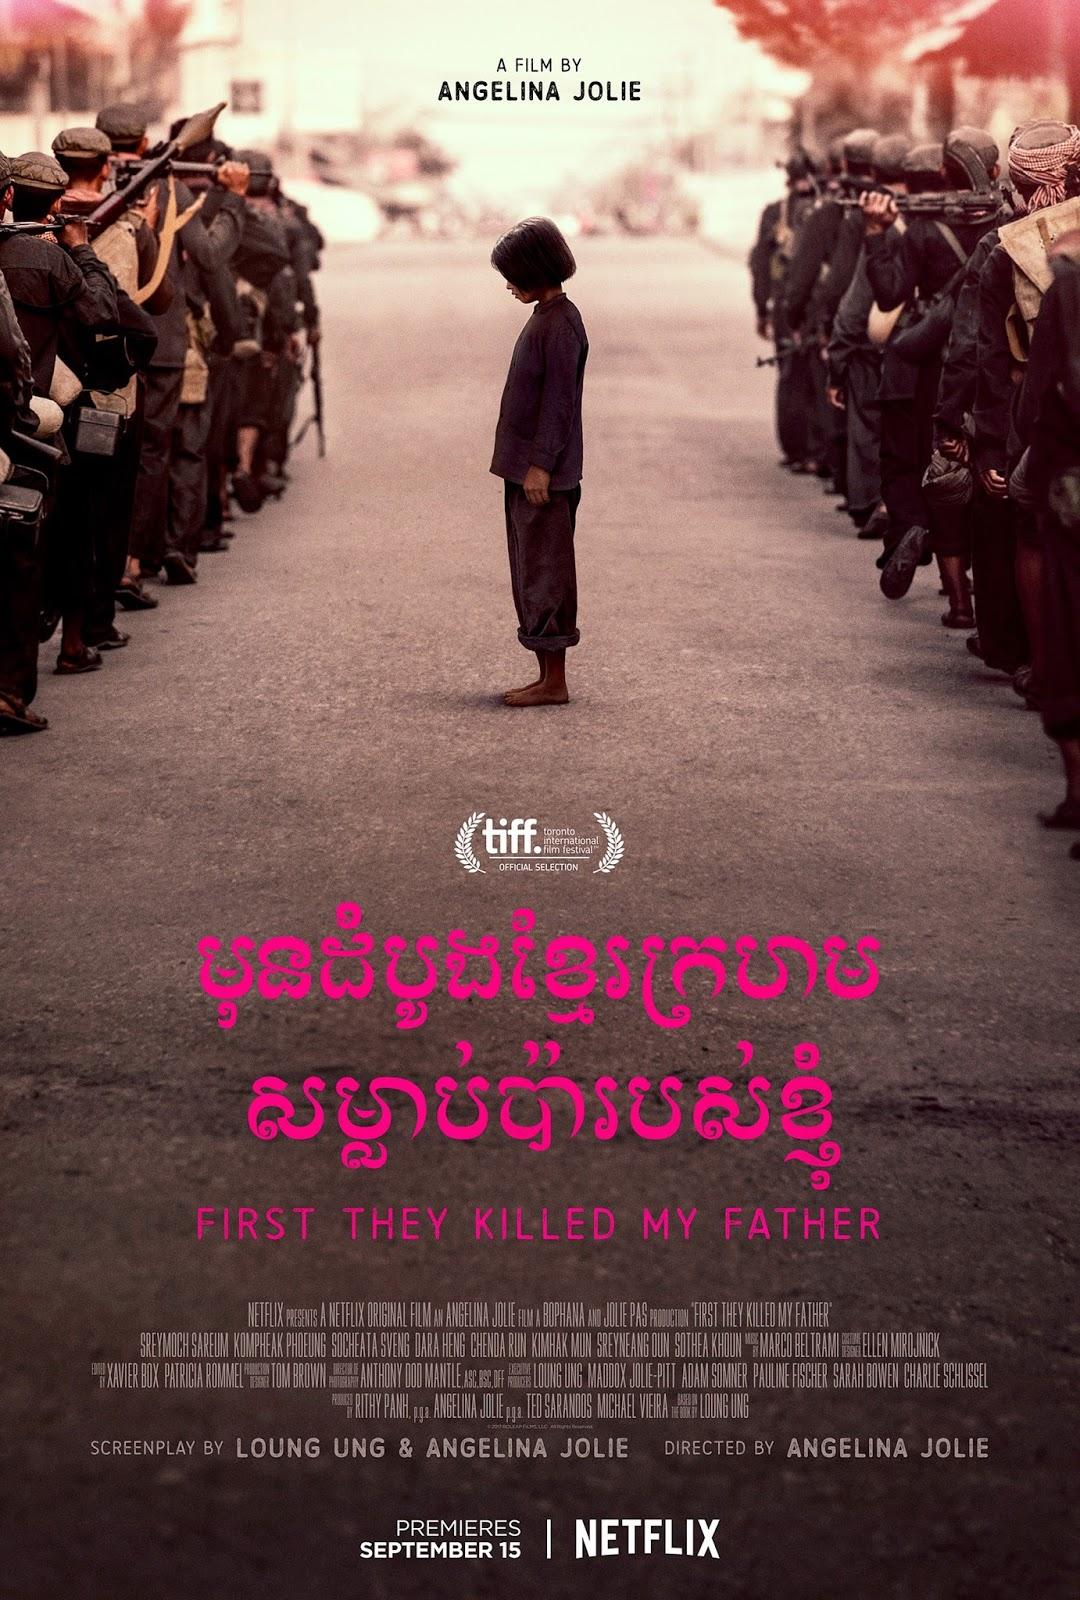 Xem Phim Ngày Họ Giết Cha Tôi 2017